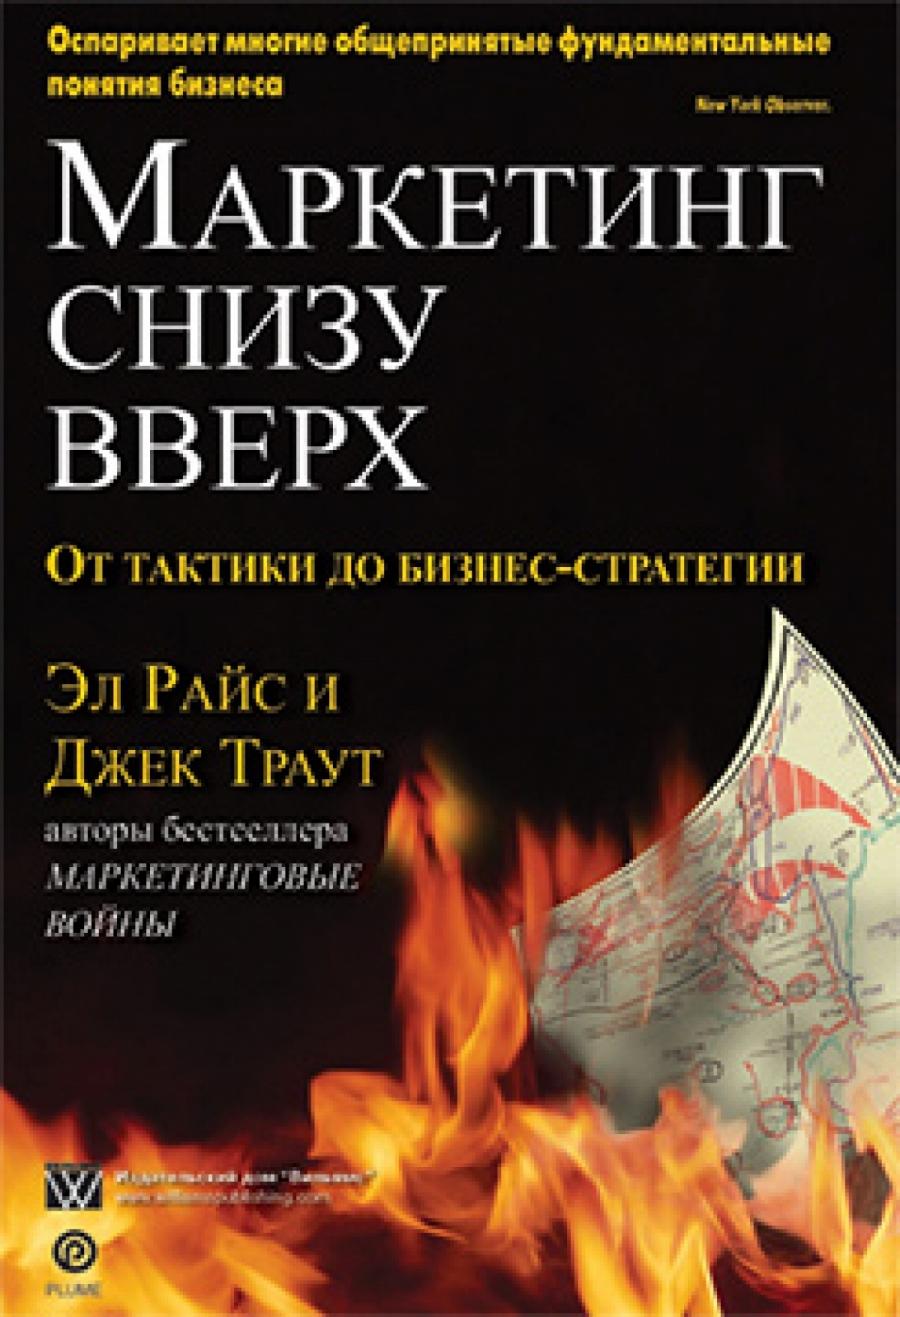 Обложка книги:  эл райс, джек траут - маркетинг снизу вверх. от тактики до бизнес-стратегии